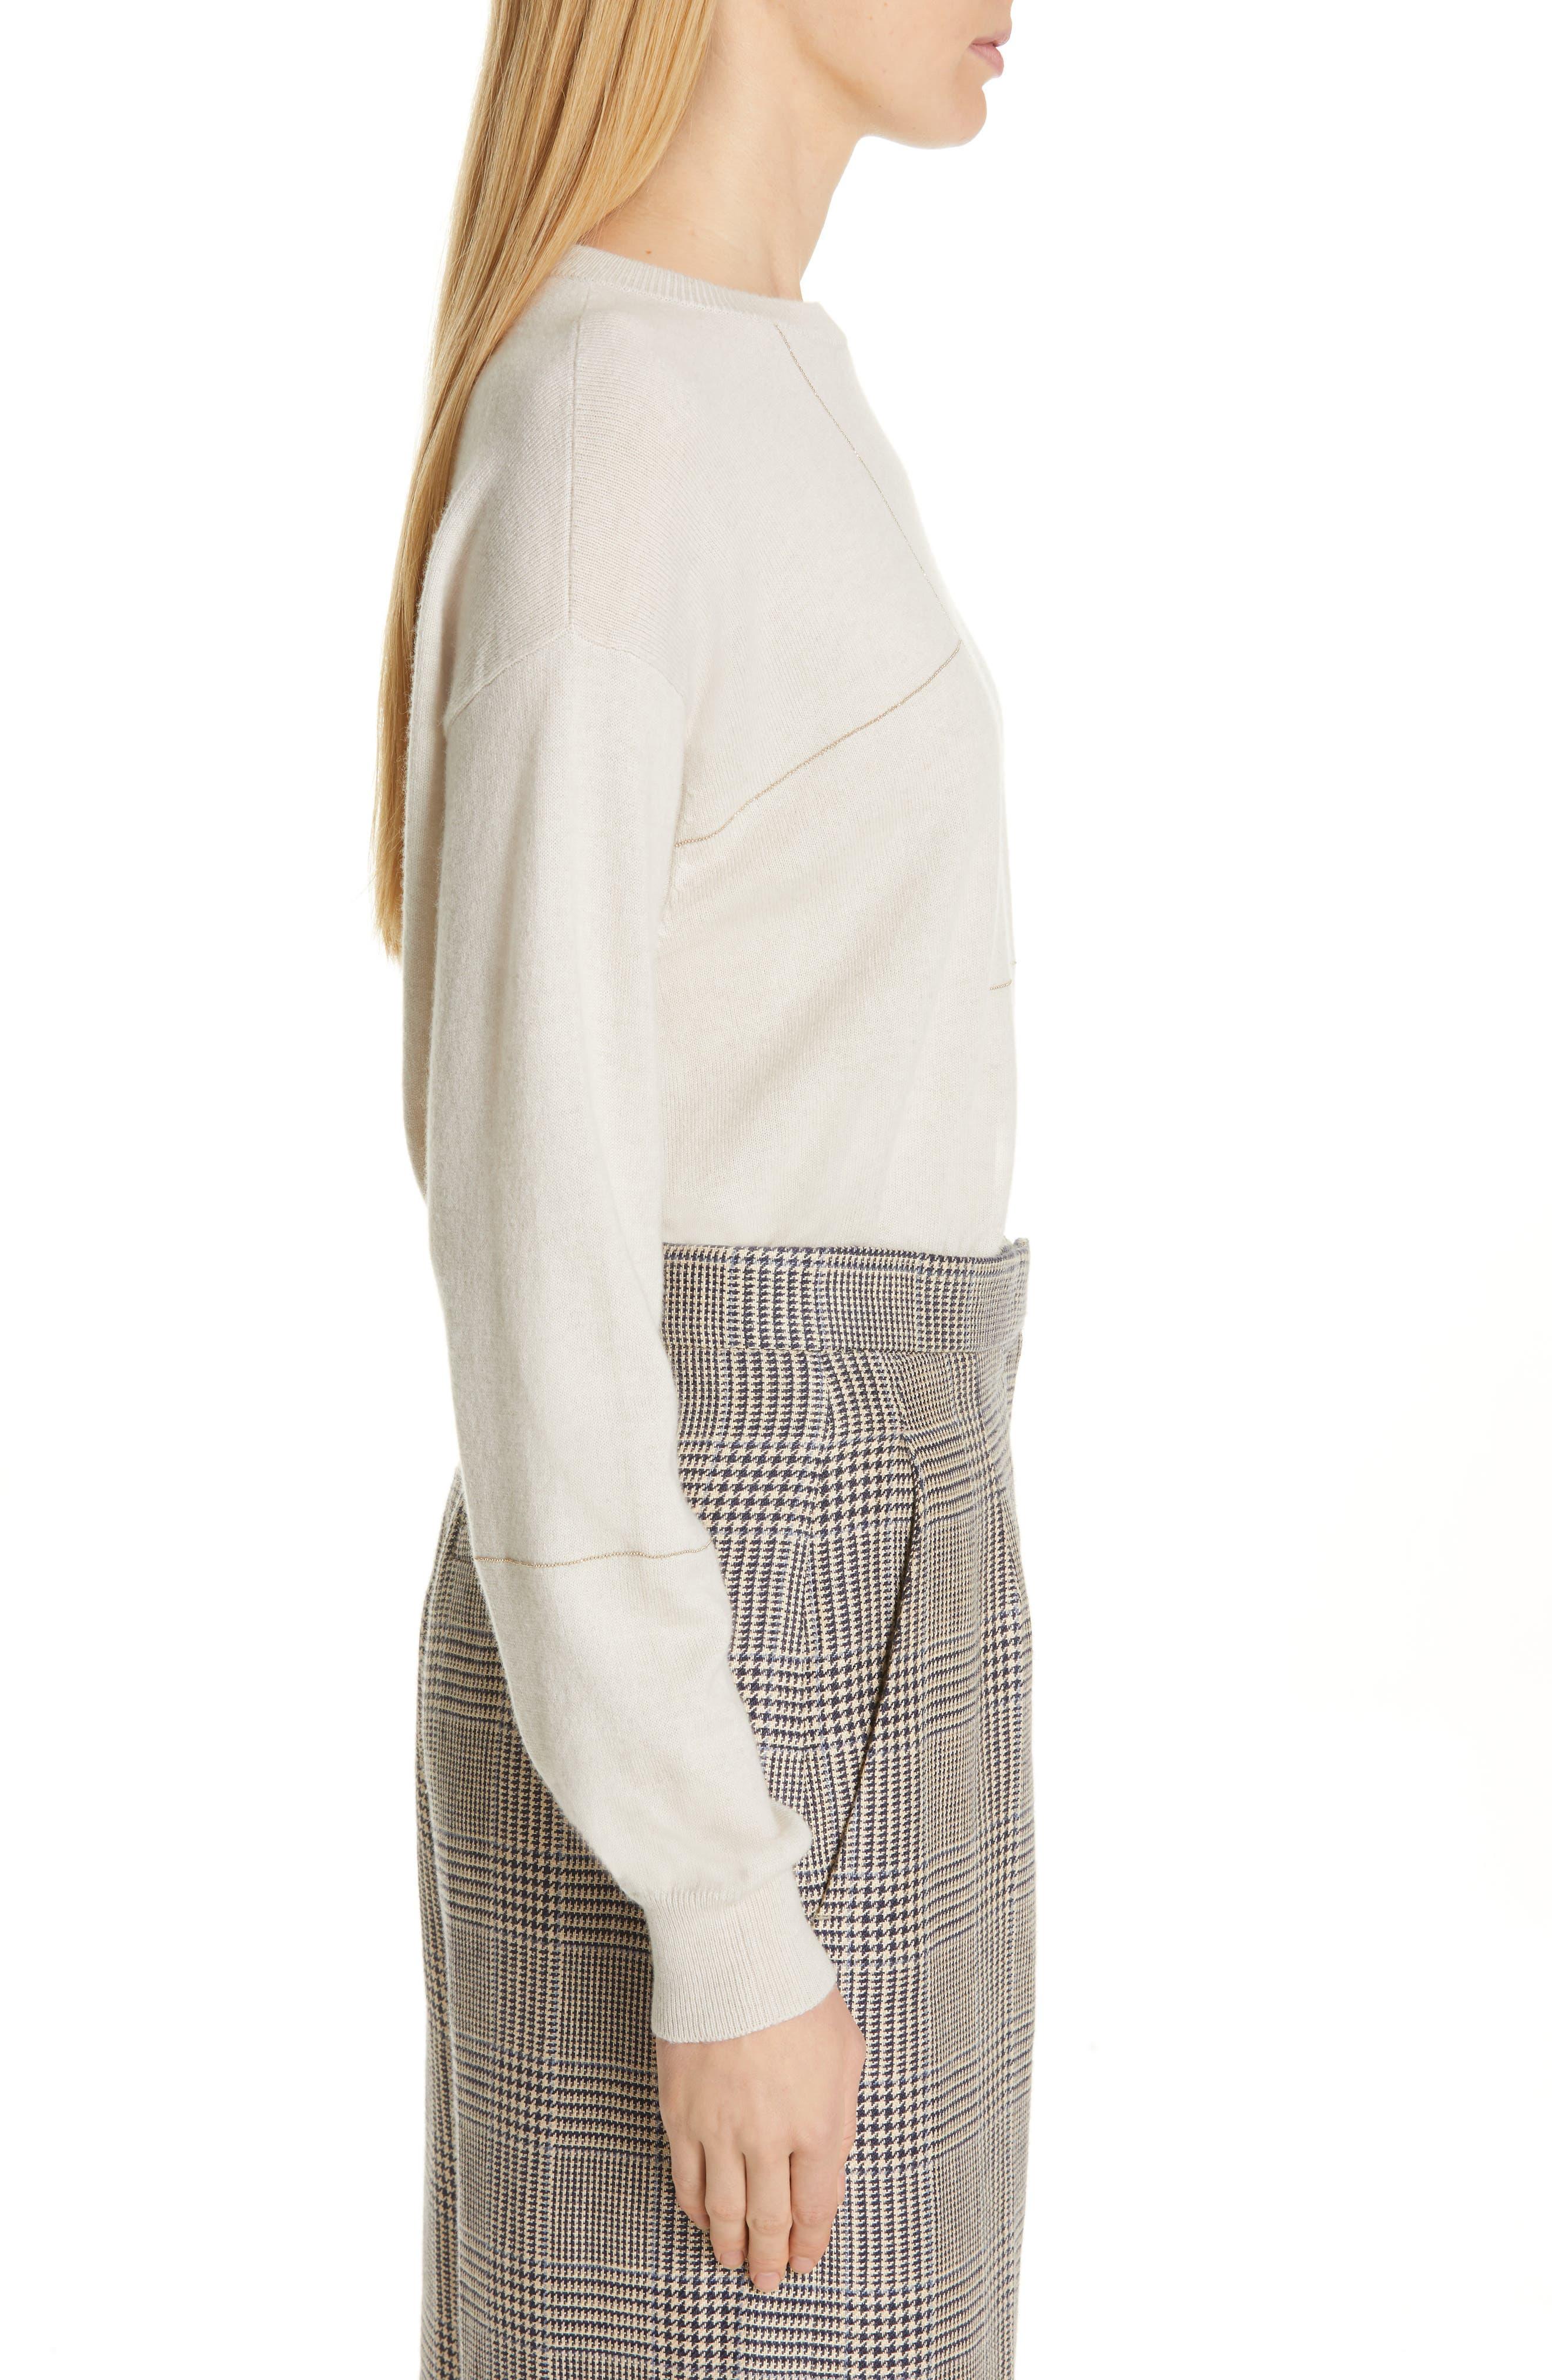 Monili Patchwork Cashmere Sweater,                             Alternate thumbnail 3, color,                             BUTTERMILK